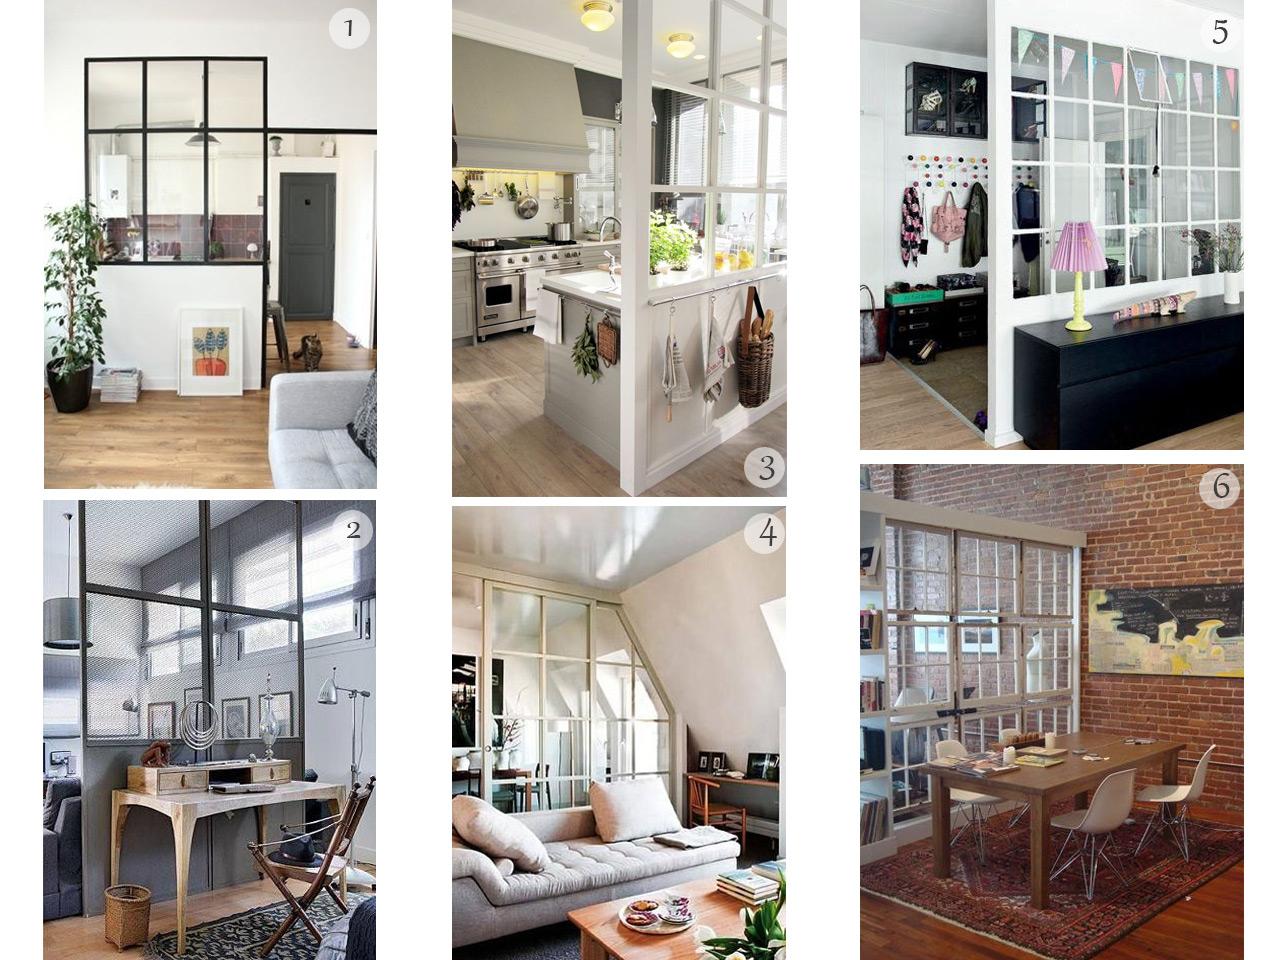 Dividir espacios abiertos con trucos decorativos for Se puede dividir un piso en dos